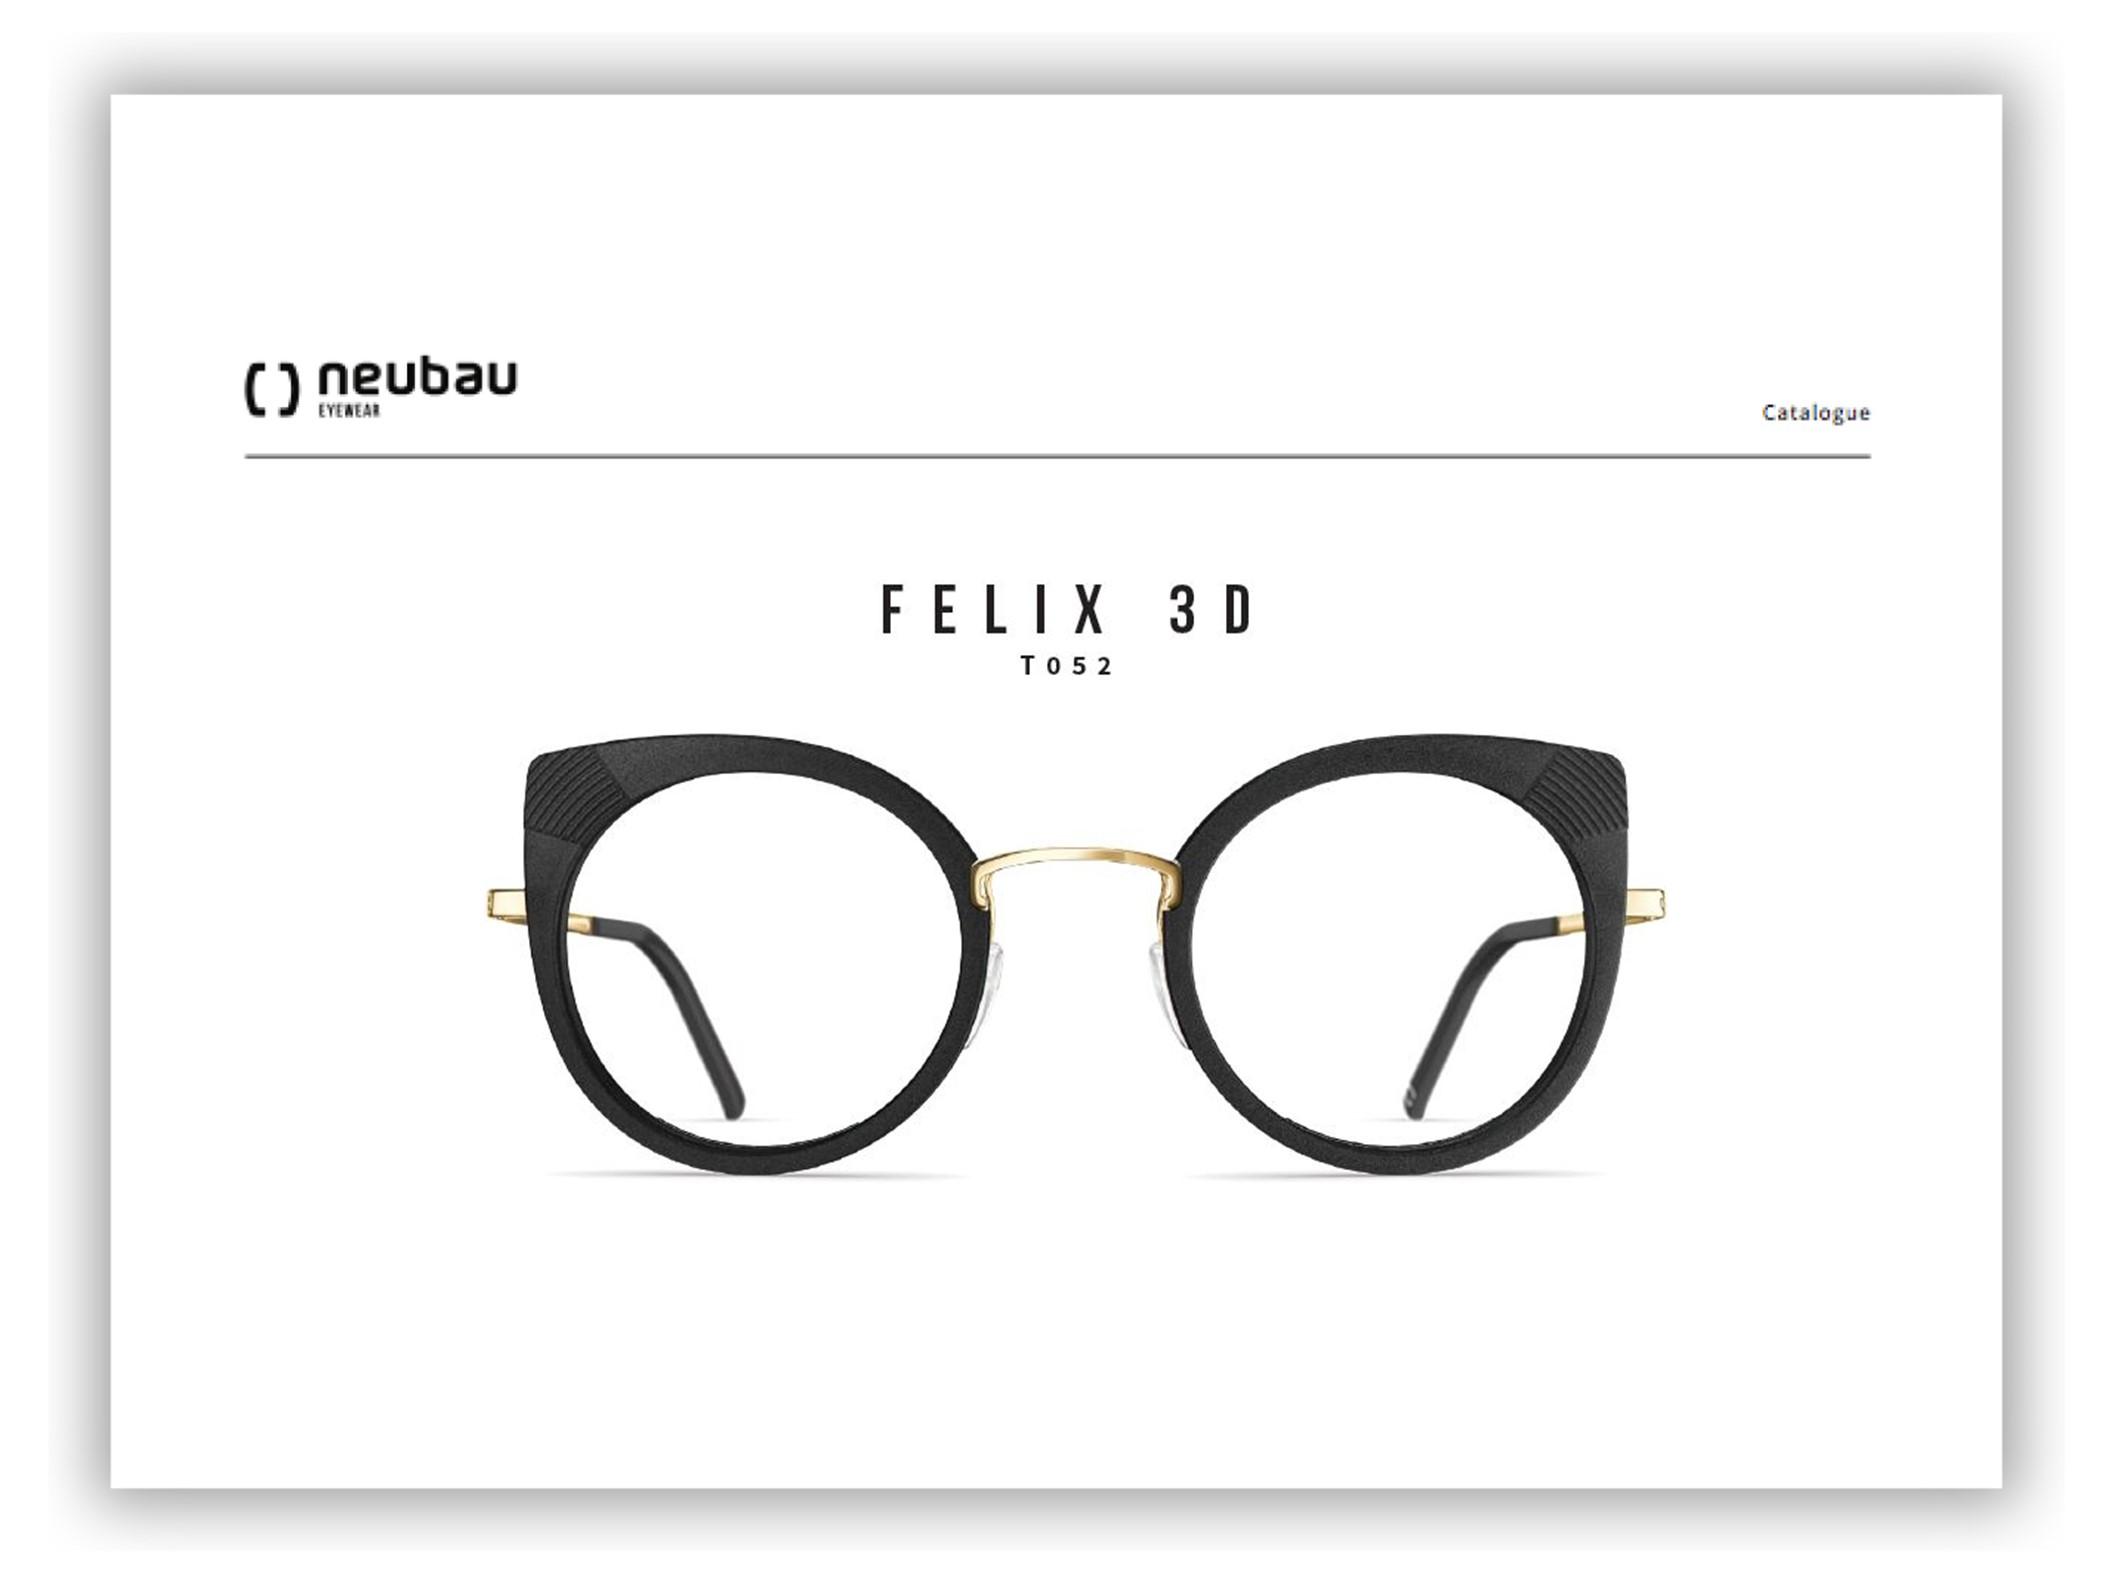 FELIZ 3D T052 1